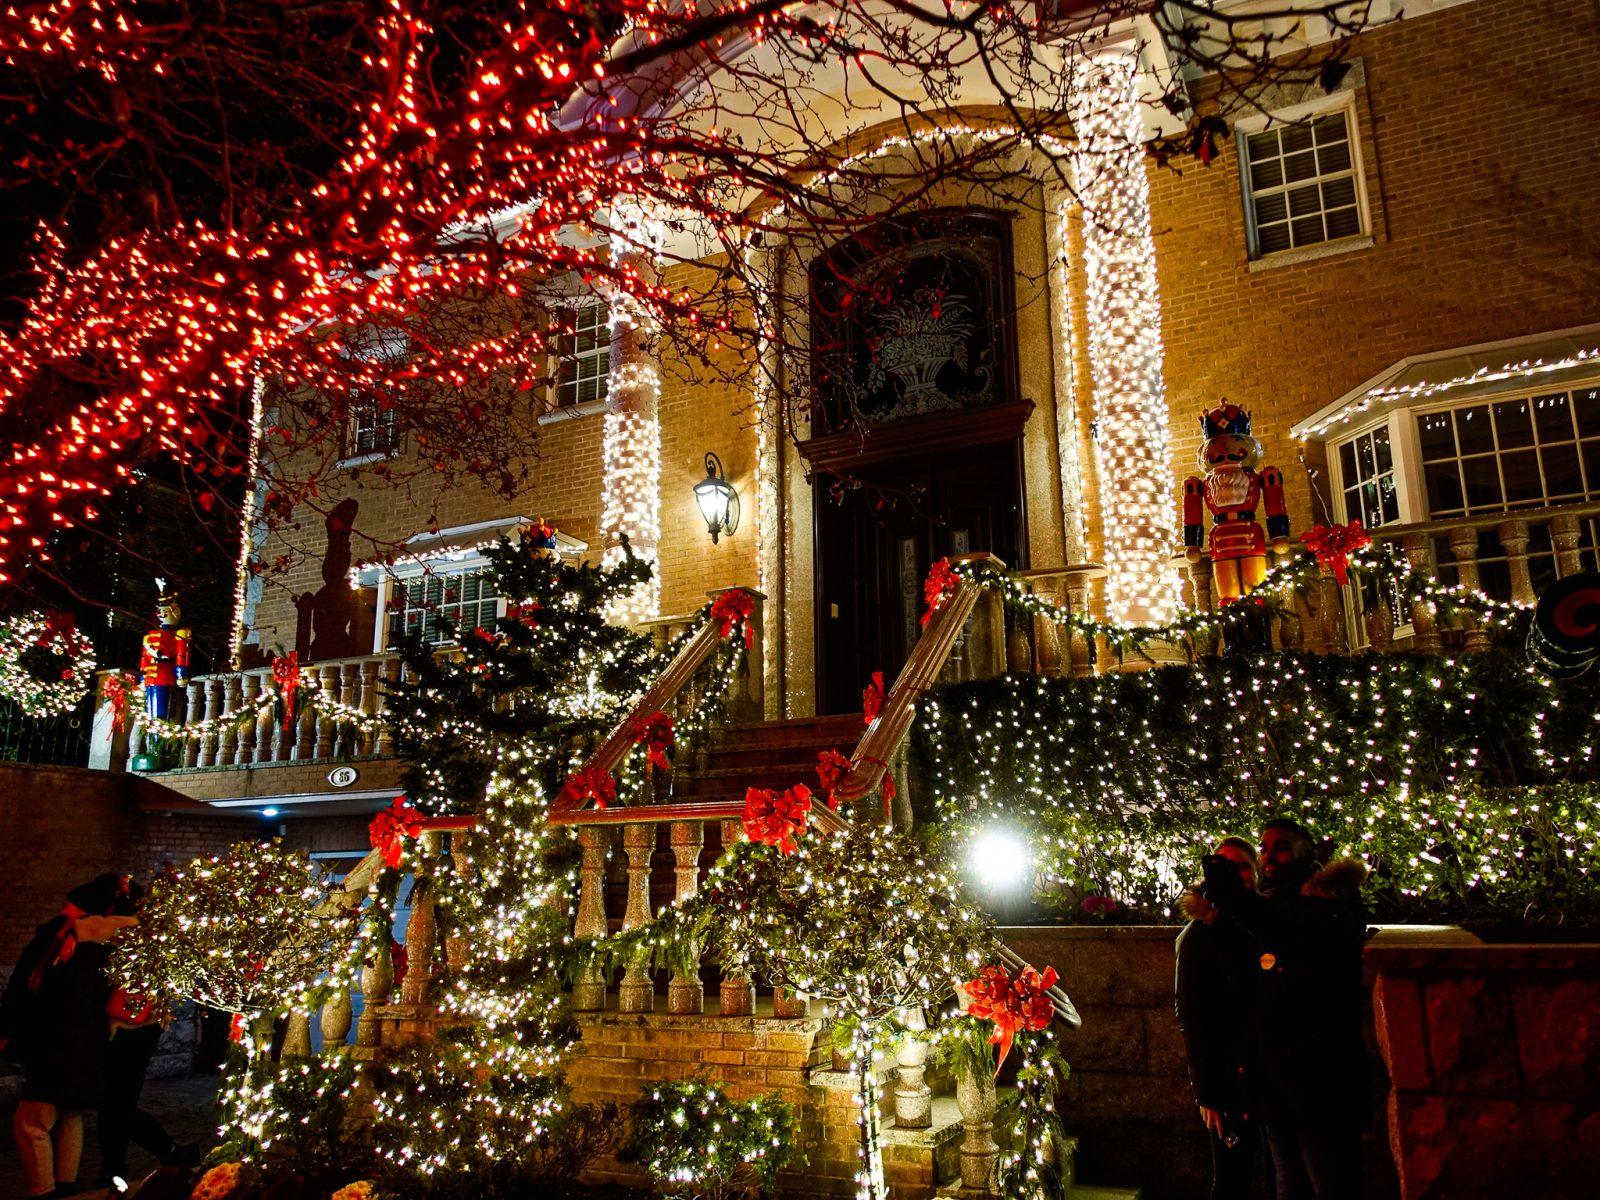 pyntet til jul med sløyfer og julepyntet terrasse